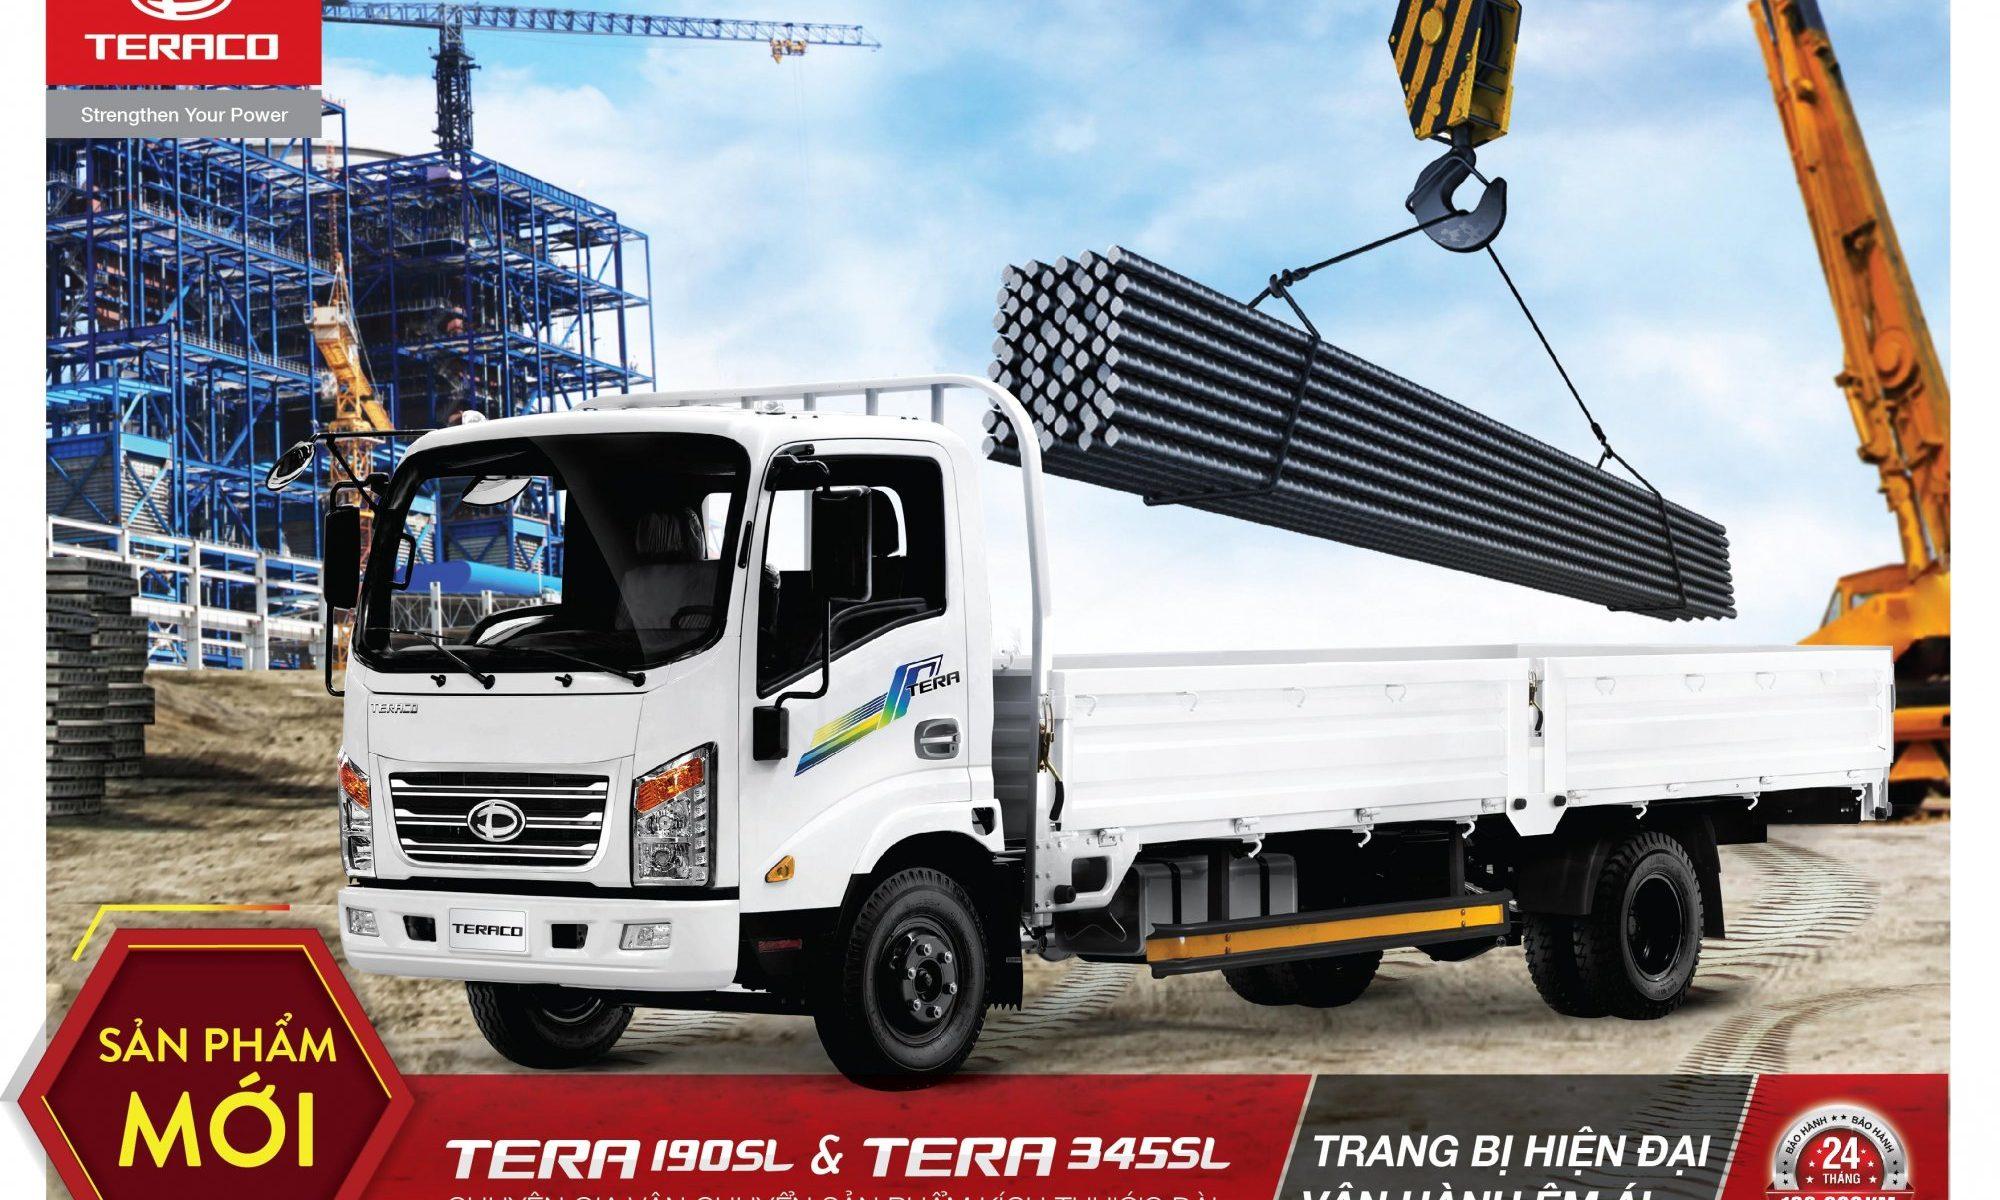 TERA190SL & TERA345SL - Chuyên gia vận chuyển sản phẩm kích thước dài